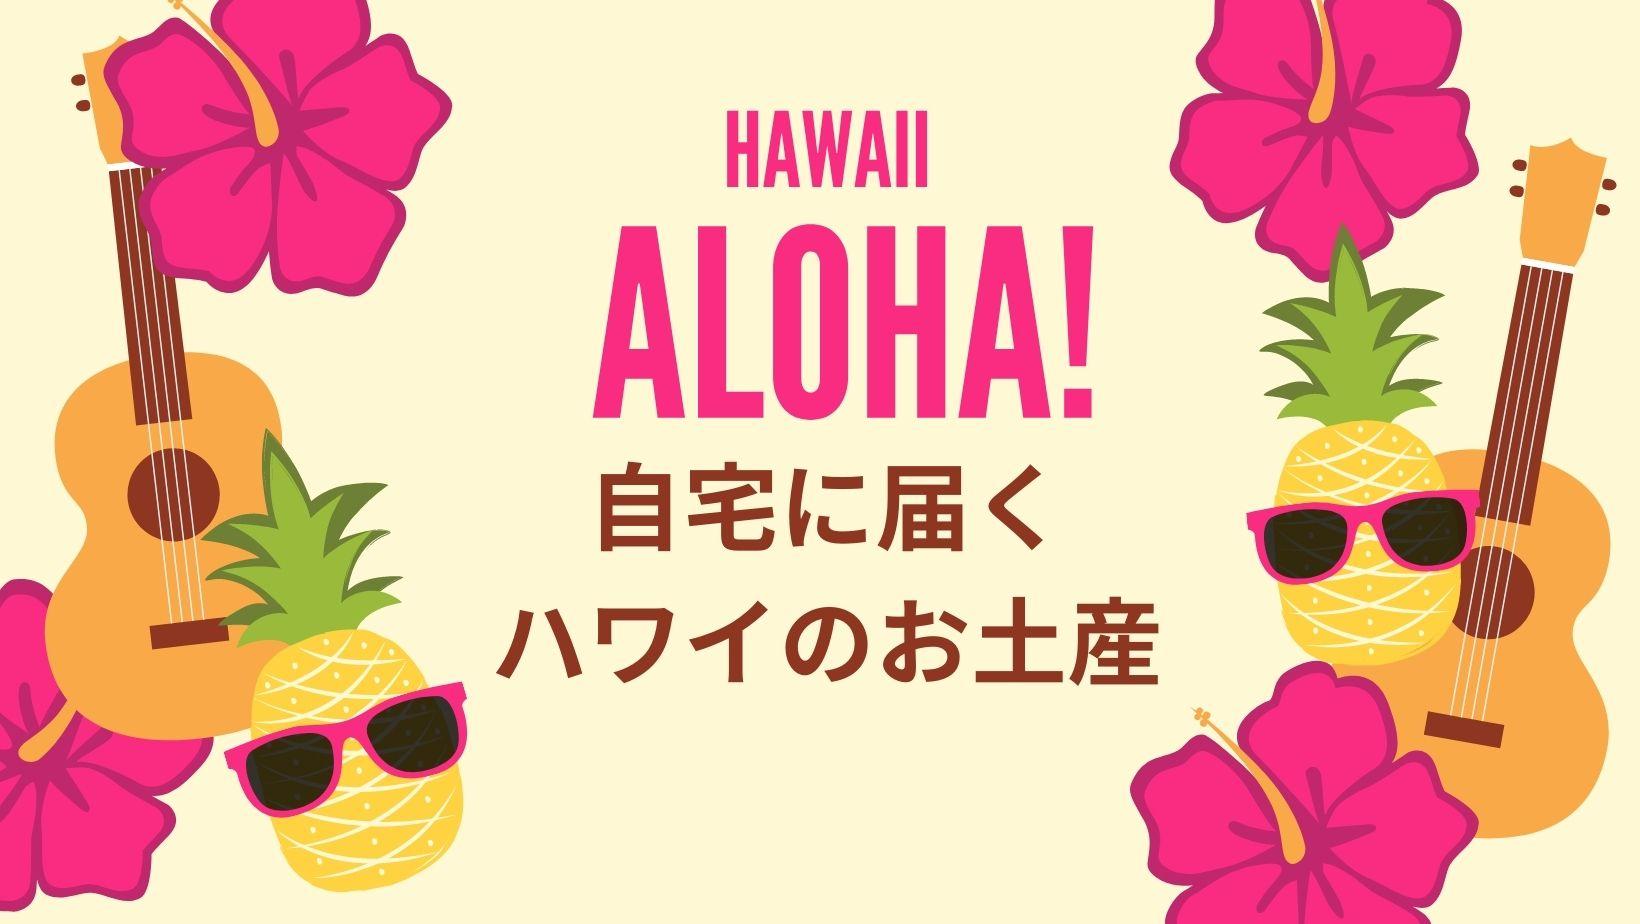 自宅に届くハワイ土産